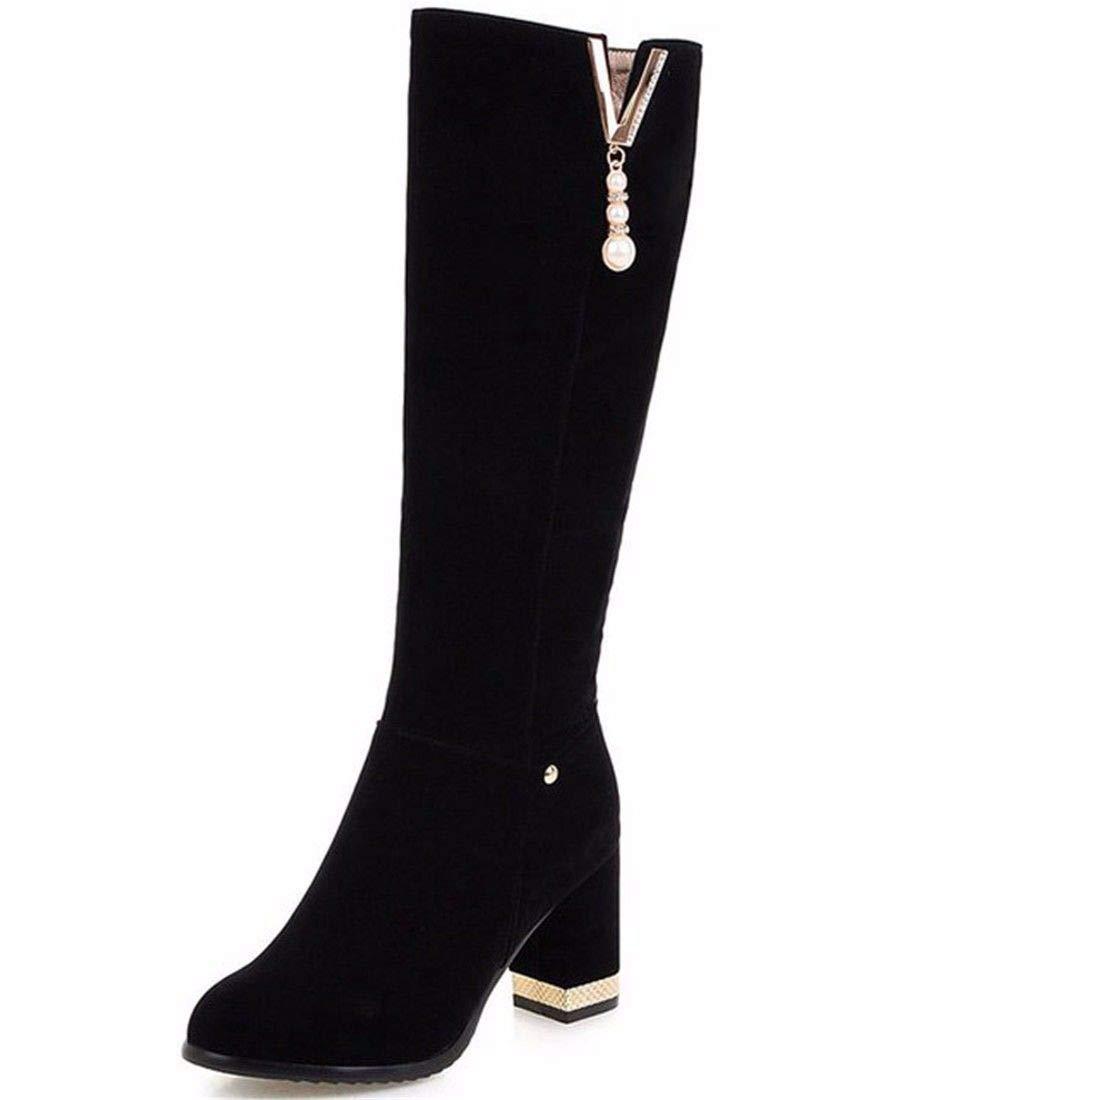 AIKAKA Frauen Herbst und Winter Europa und Amerika Sexy warme High Heel Schuhe Hohe Tube Stiefel